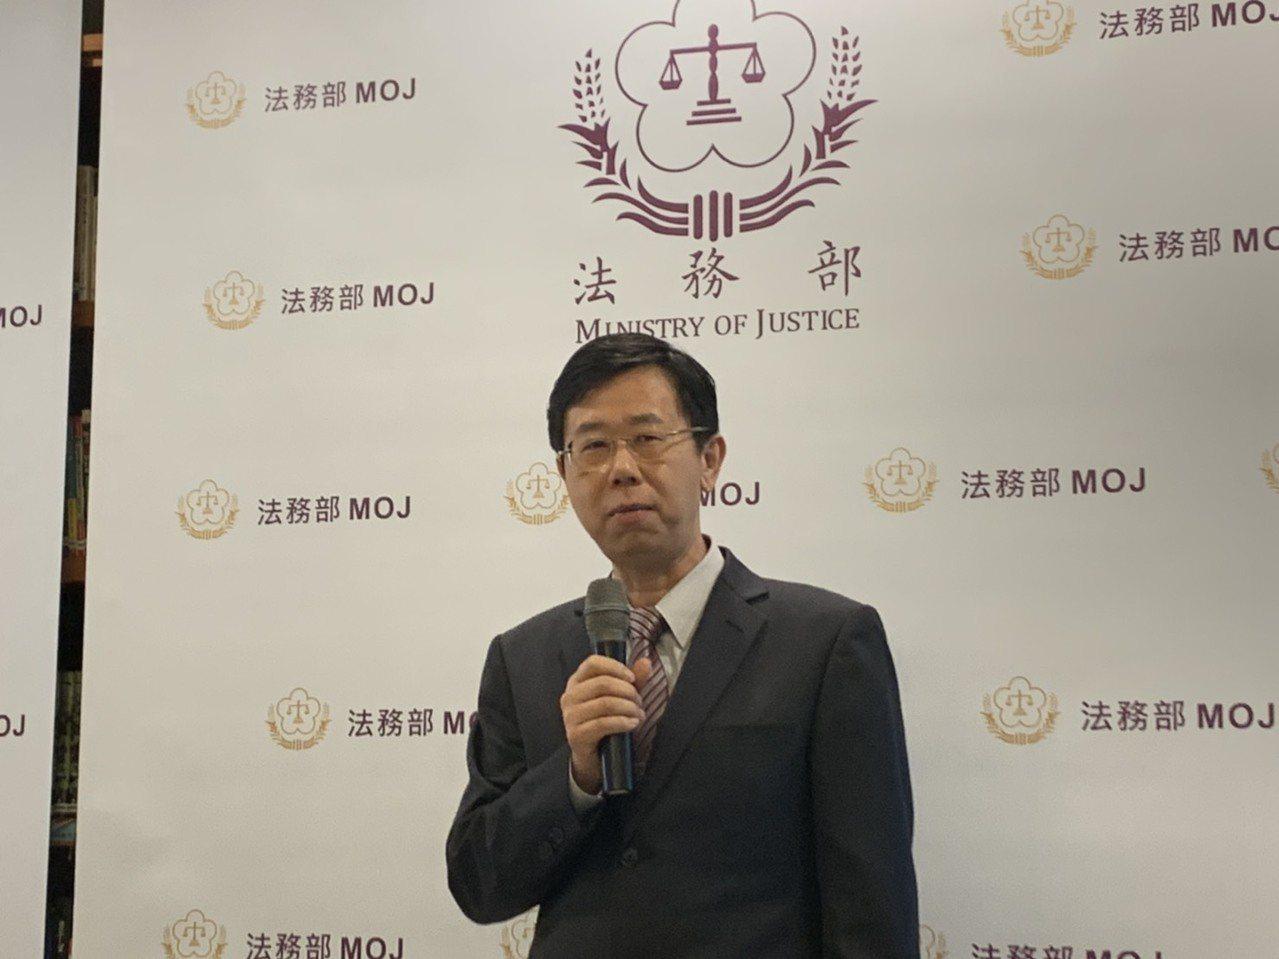 調查局長呂文忠。記者賴佩璇/攝影。